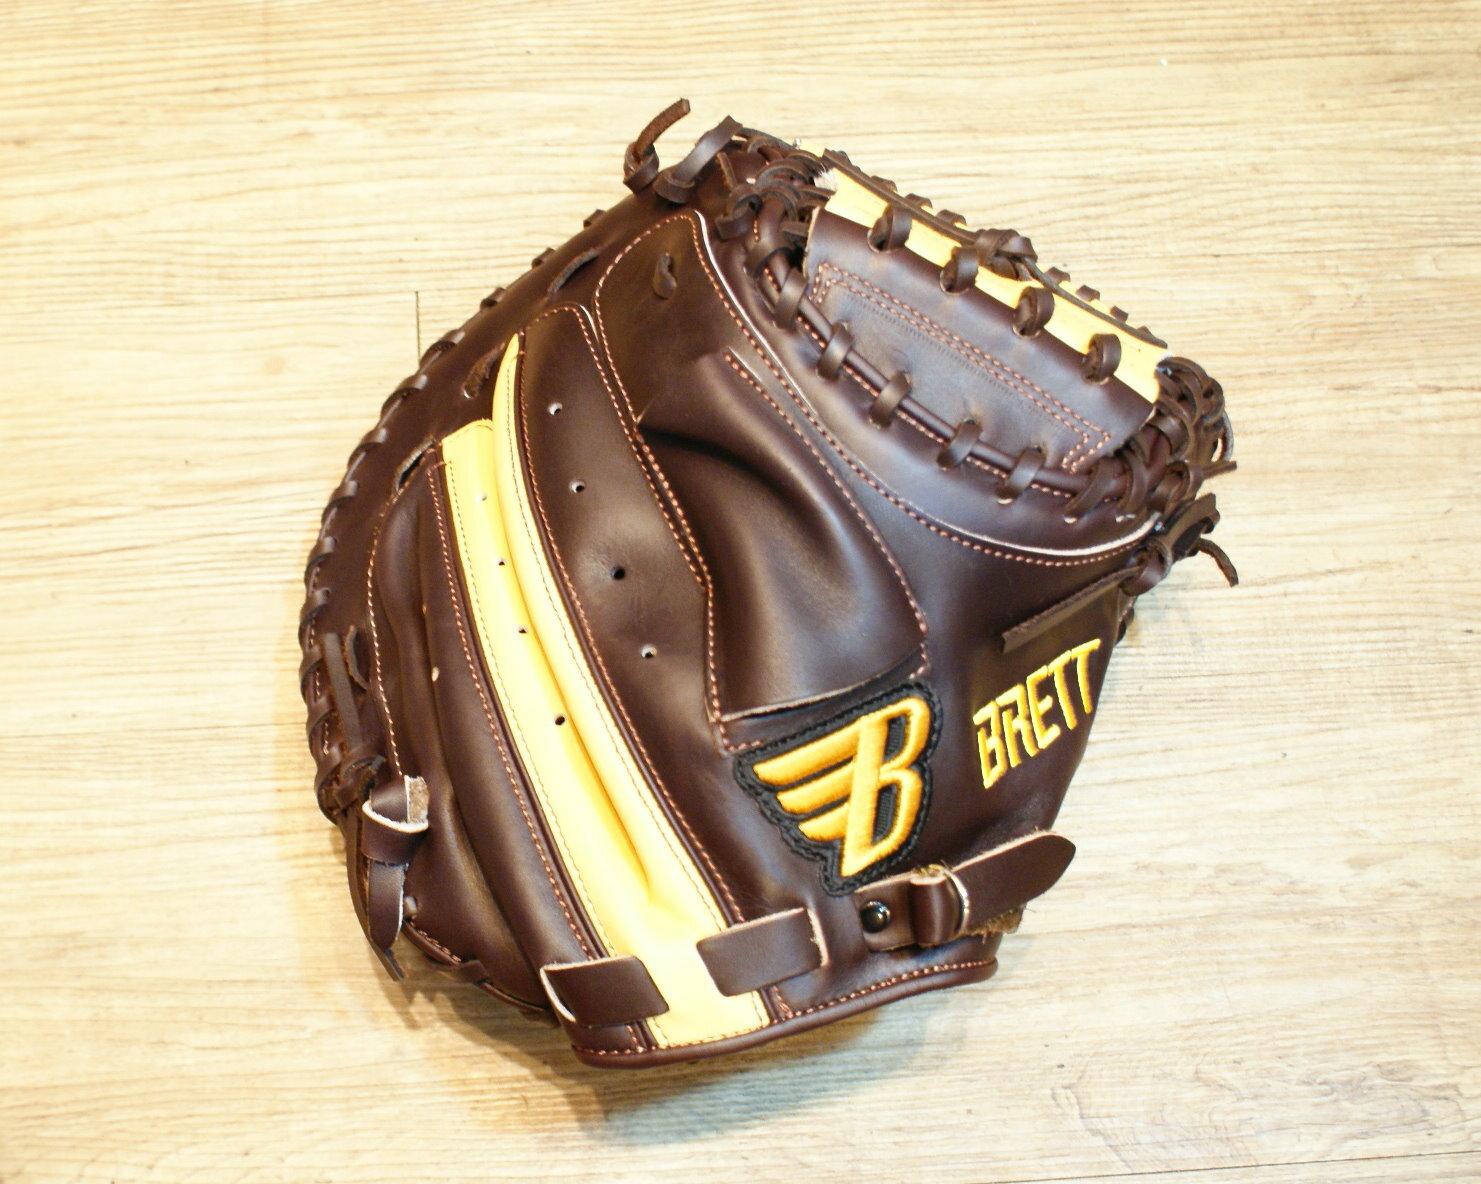 棒球世界 BRETT布瑞特『魂』系列美系雙色硬式棒球捕手專用手套 特價